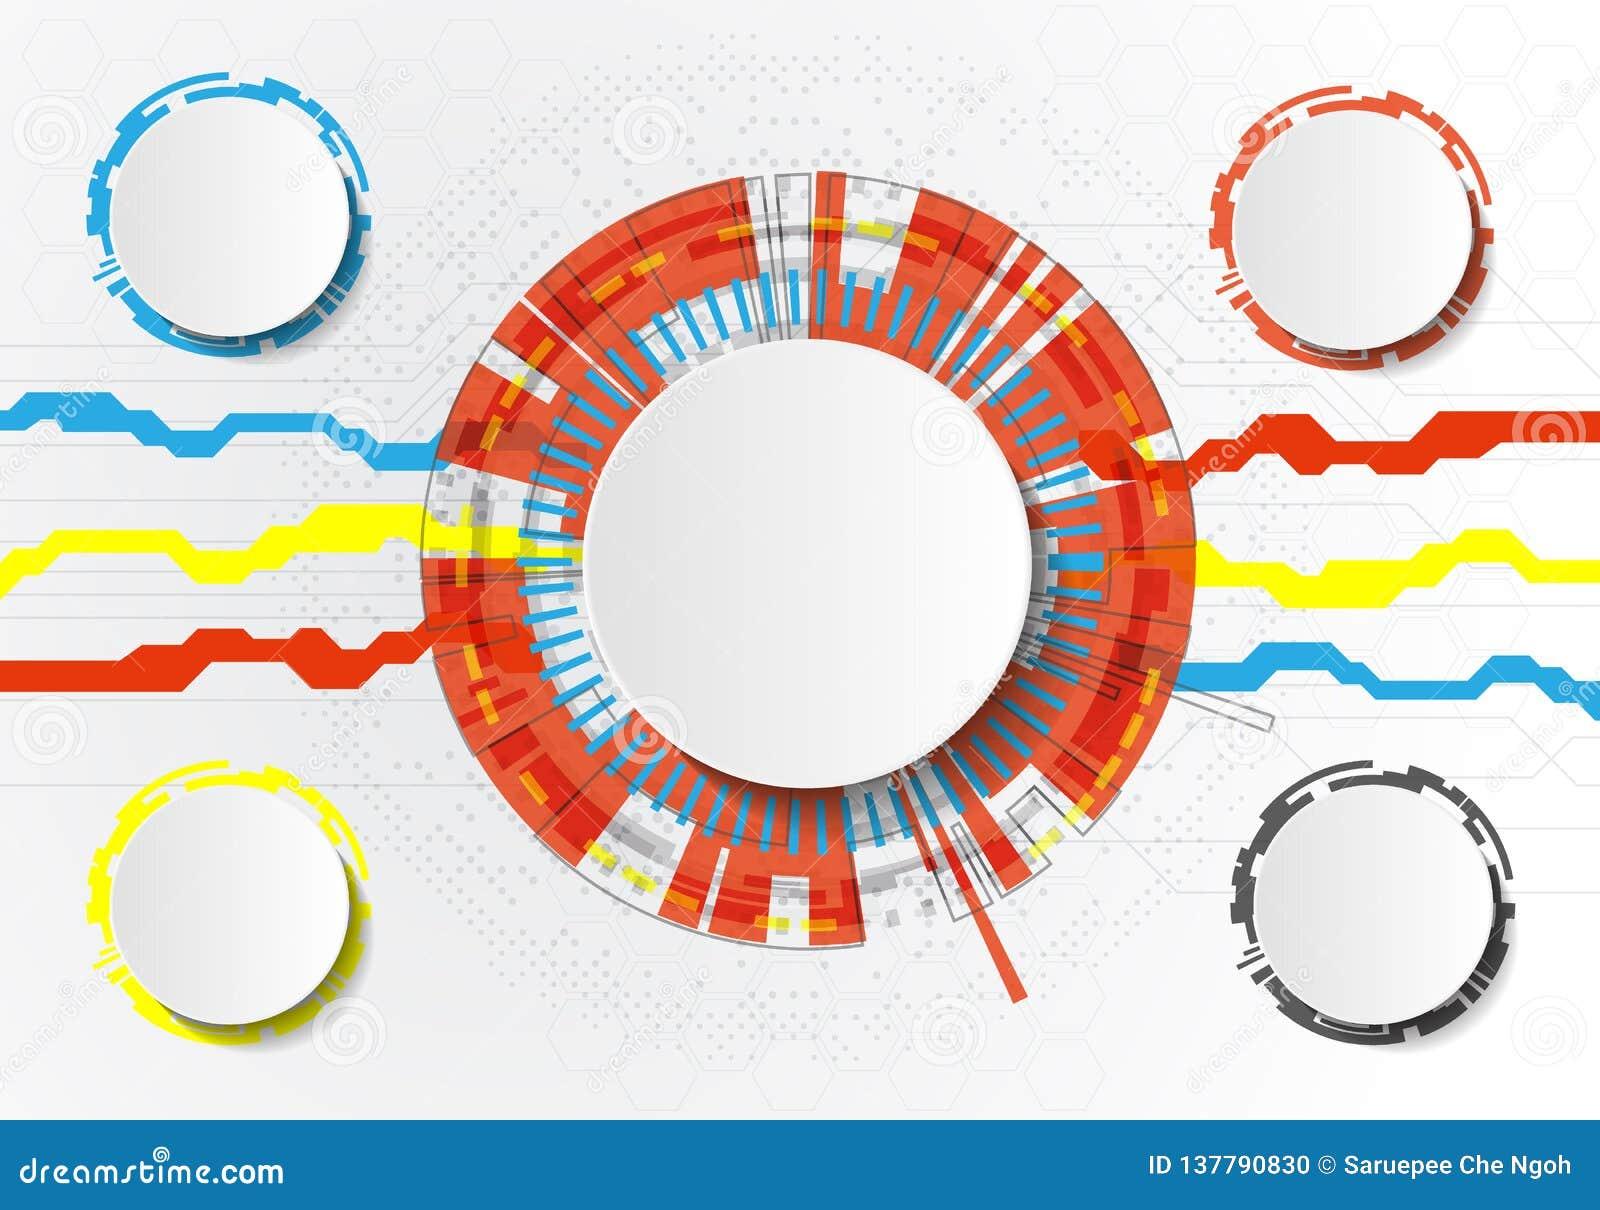 Vector il circuito futuristico astratto su fondo grigio chiaro, concetto di tecnologia digitale di ciao-tecnologia Cerchio bianco